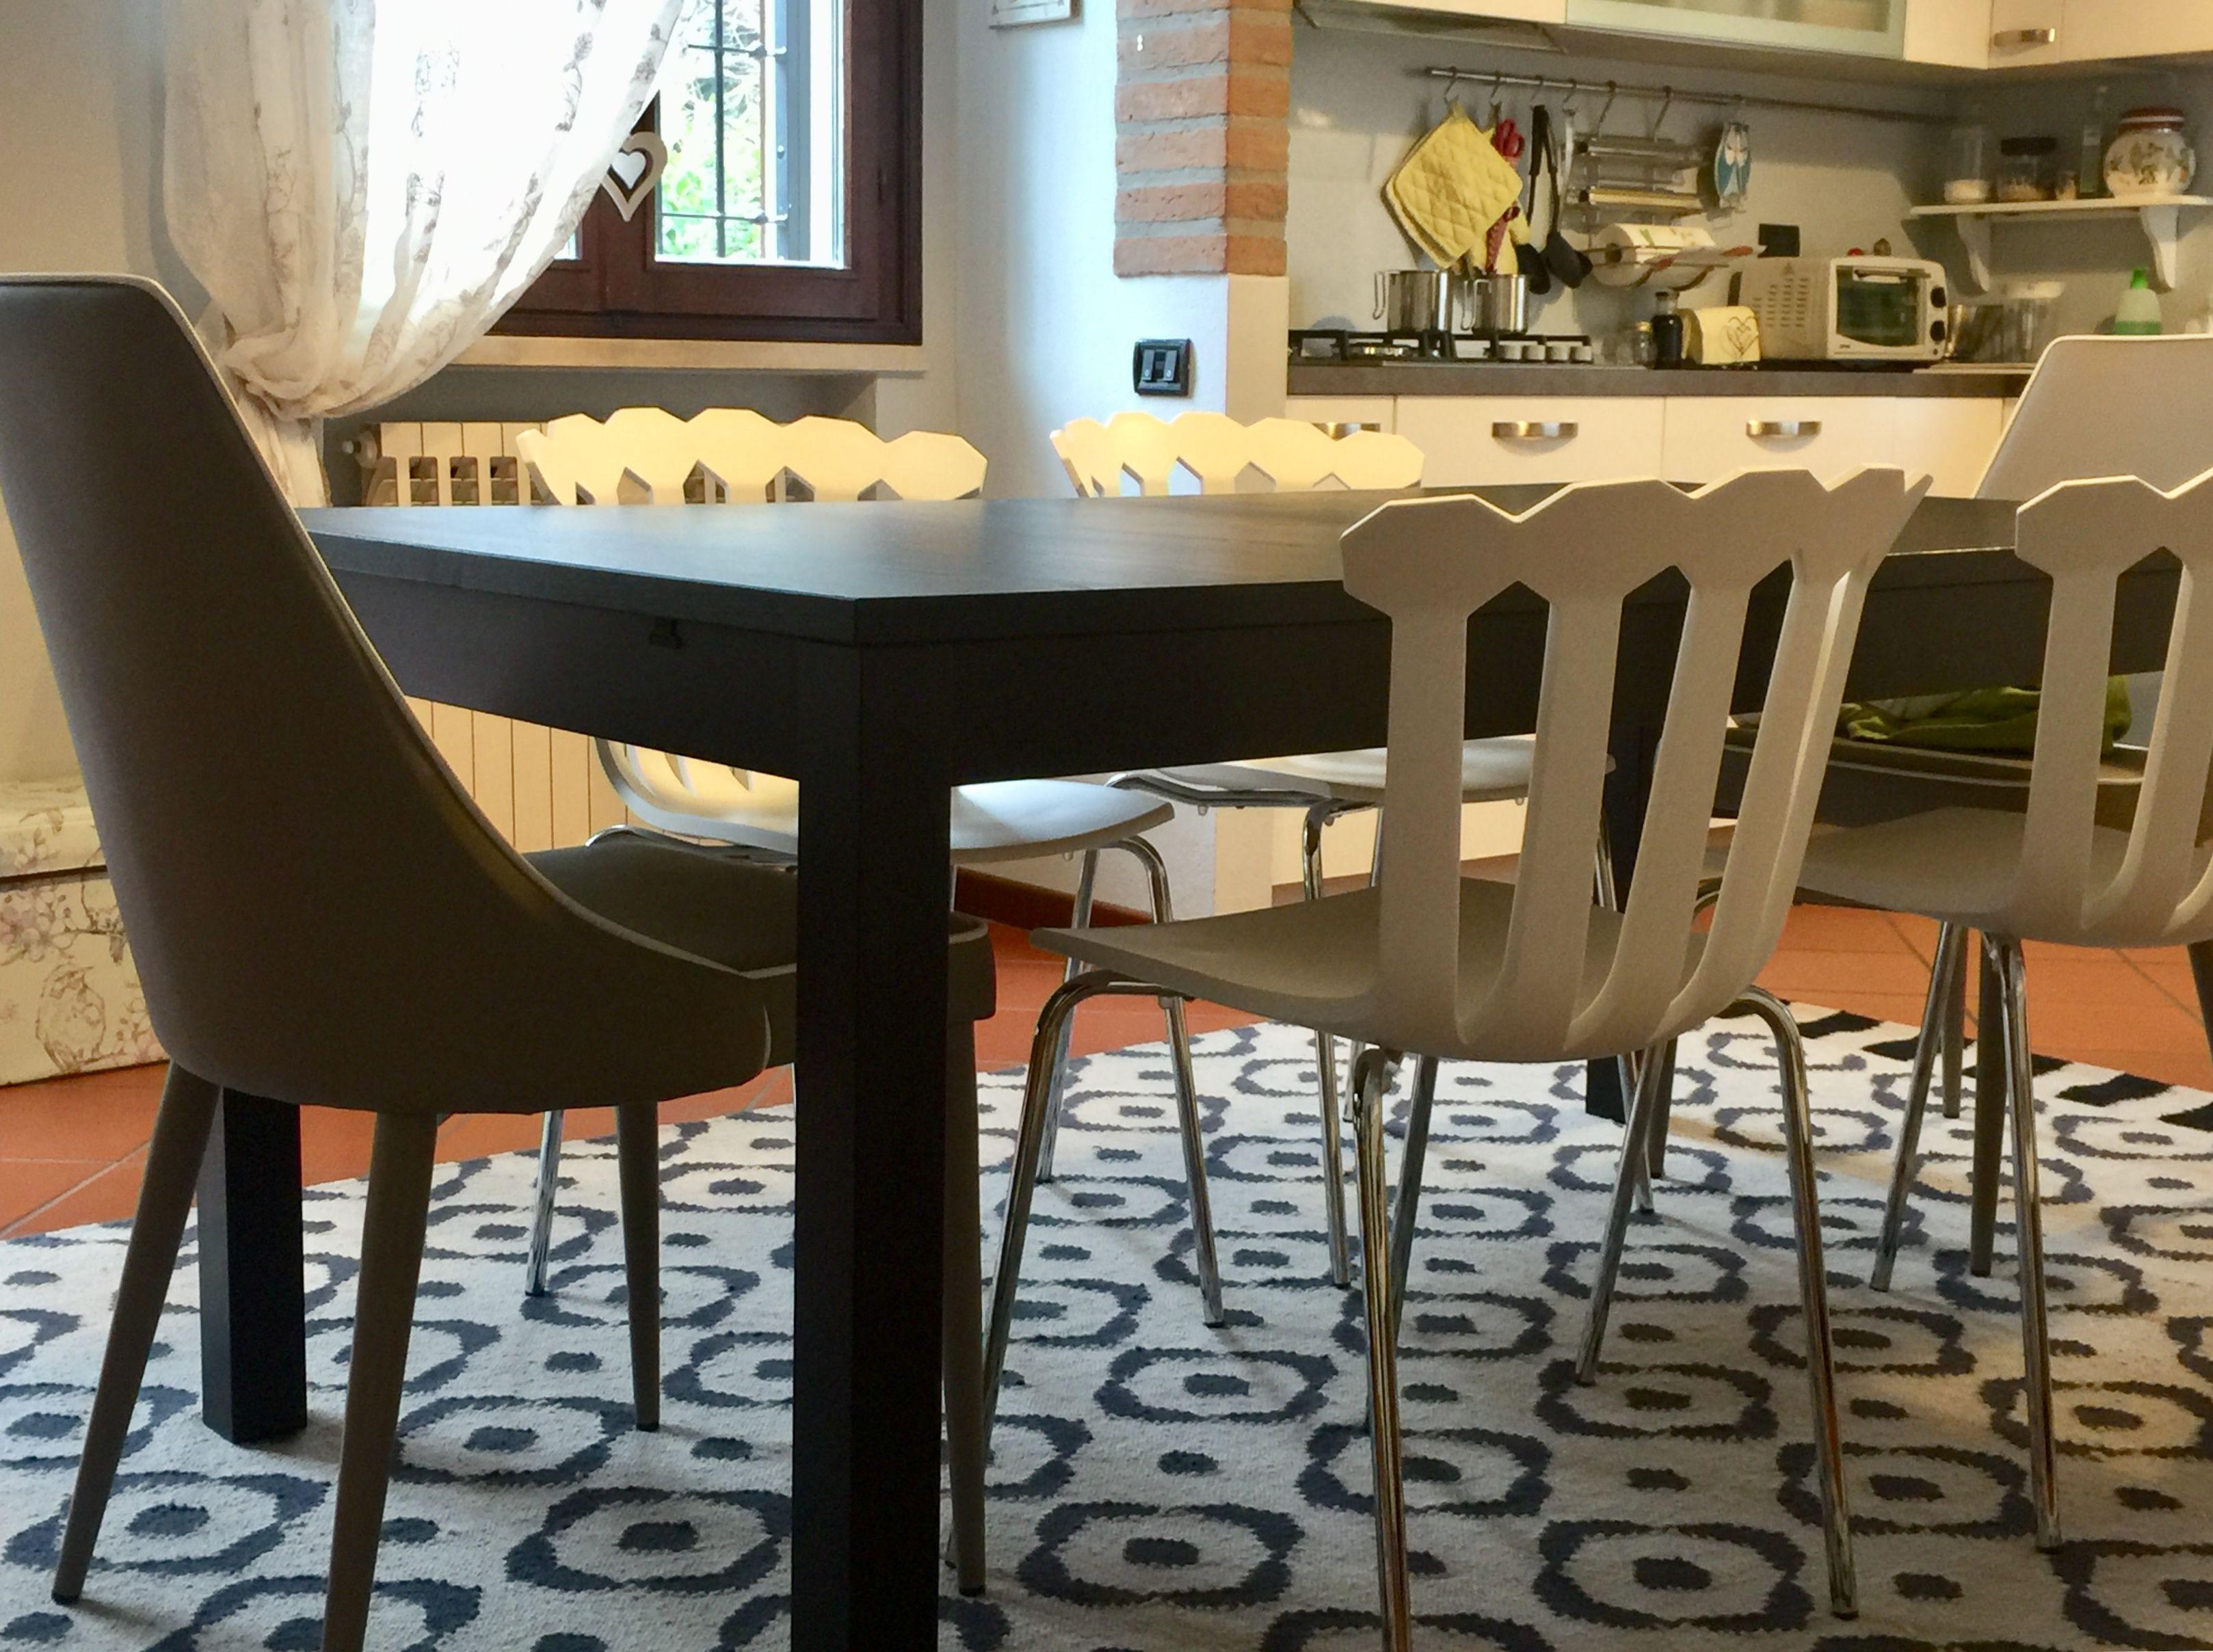 Tappeto sotto al tavolo in cucina... meraviglioso!! | kITCHEN nel ...